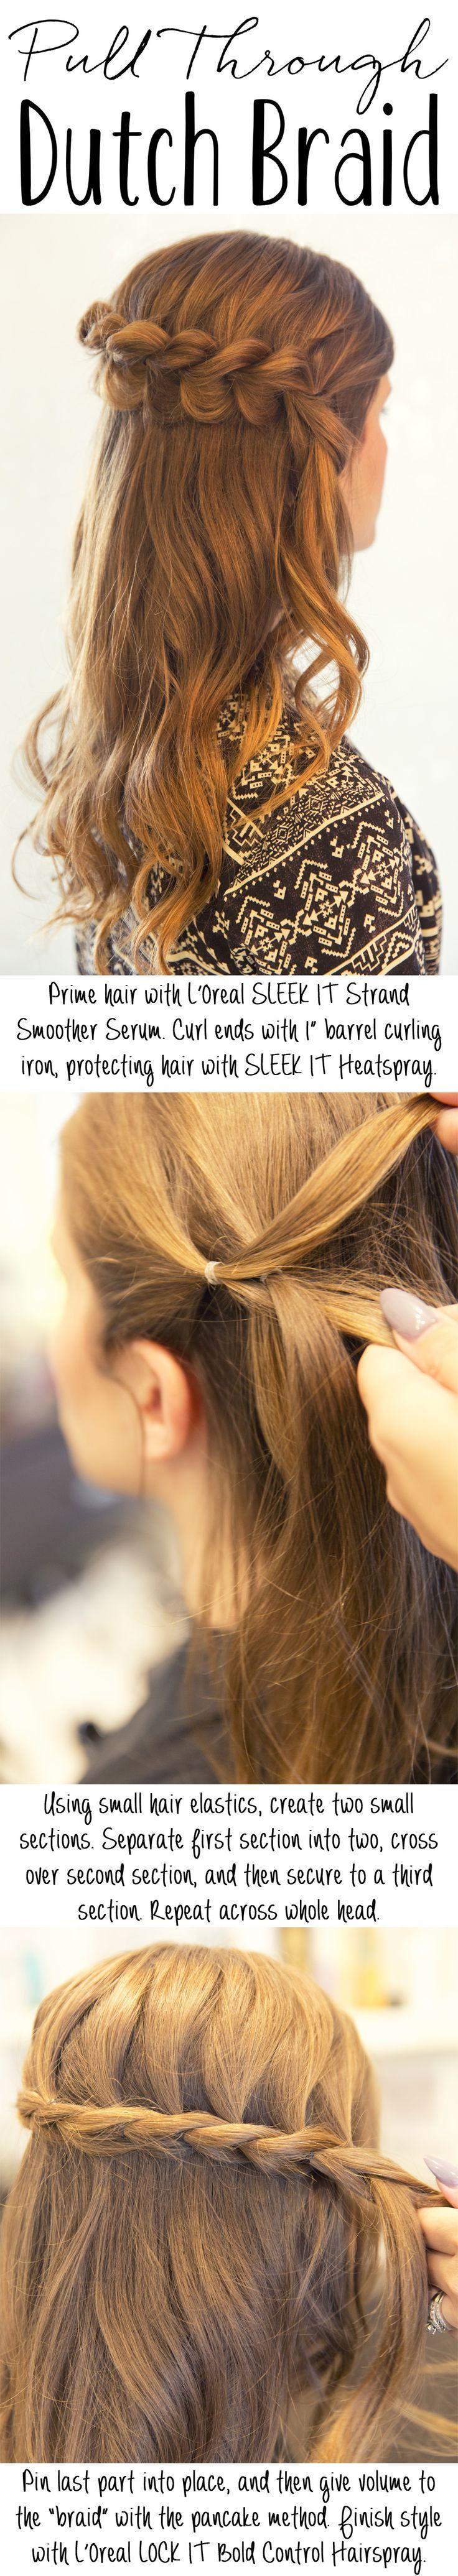 Pull Through Dutch Braid #hair #tutorial